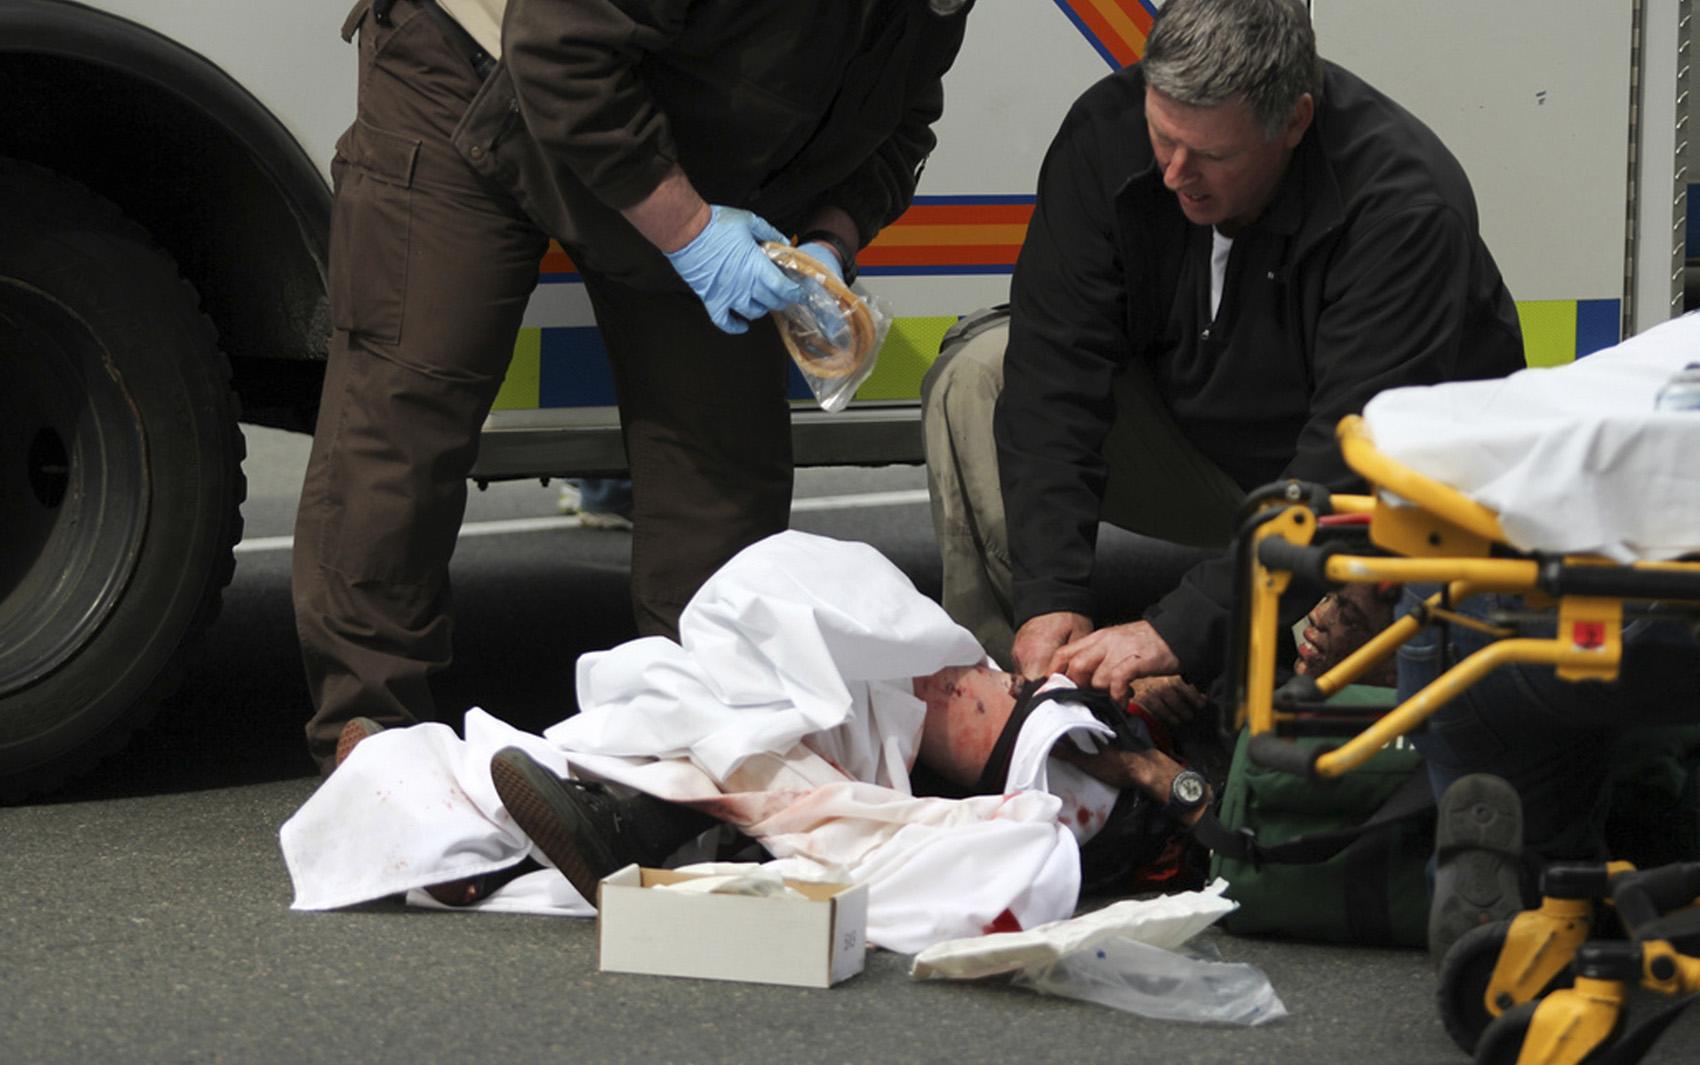 Ferido durante a explosão recebe primeiros socorros no local onde acontecia a maratona.